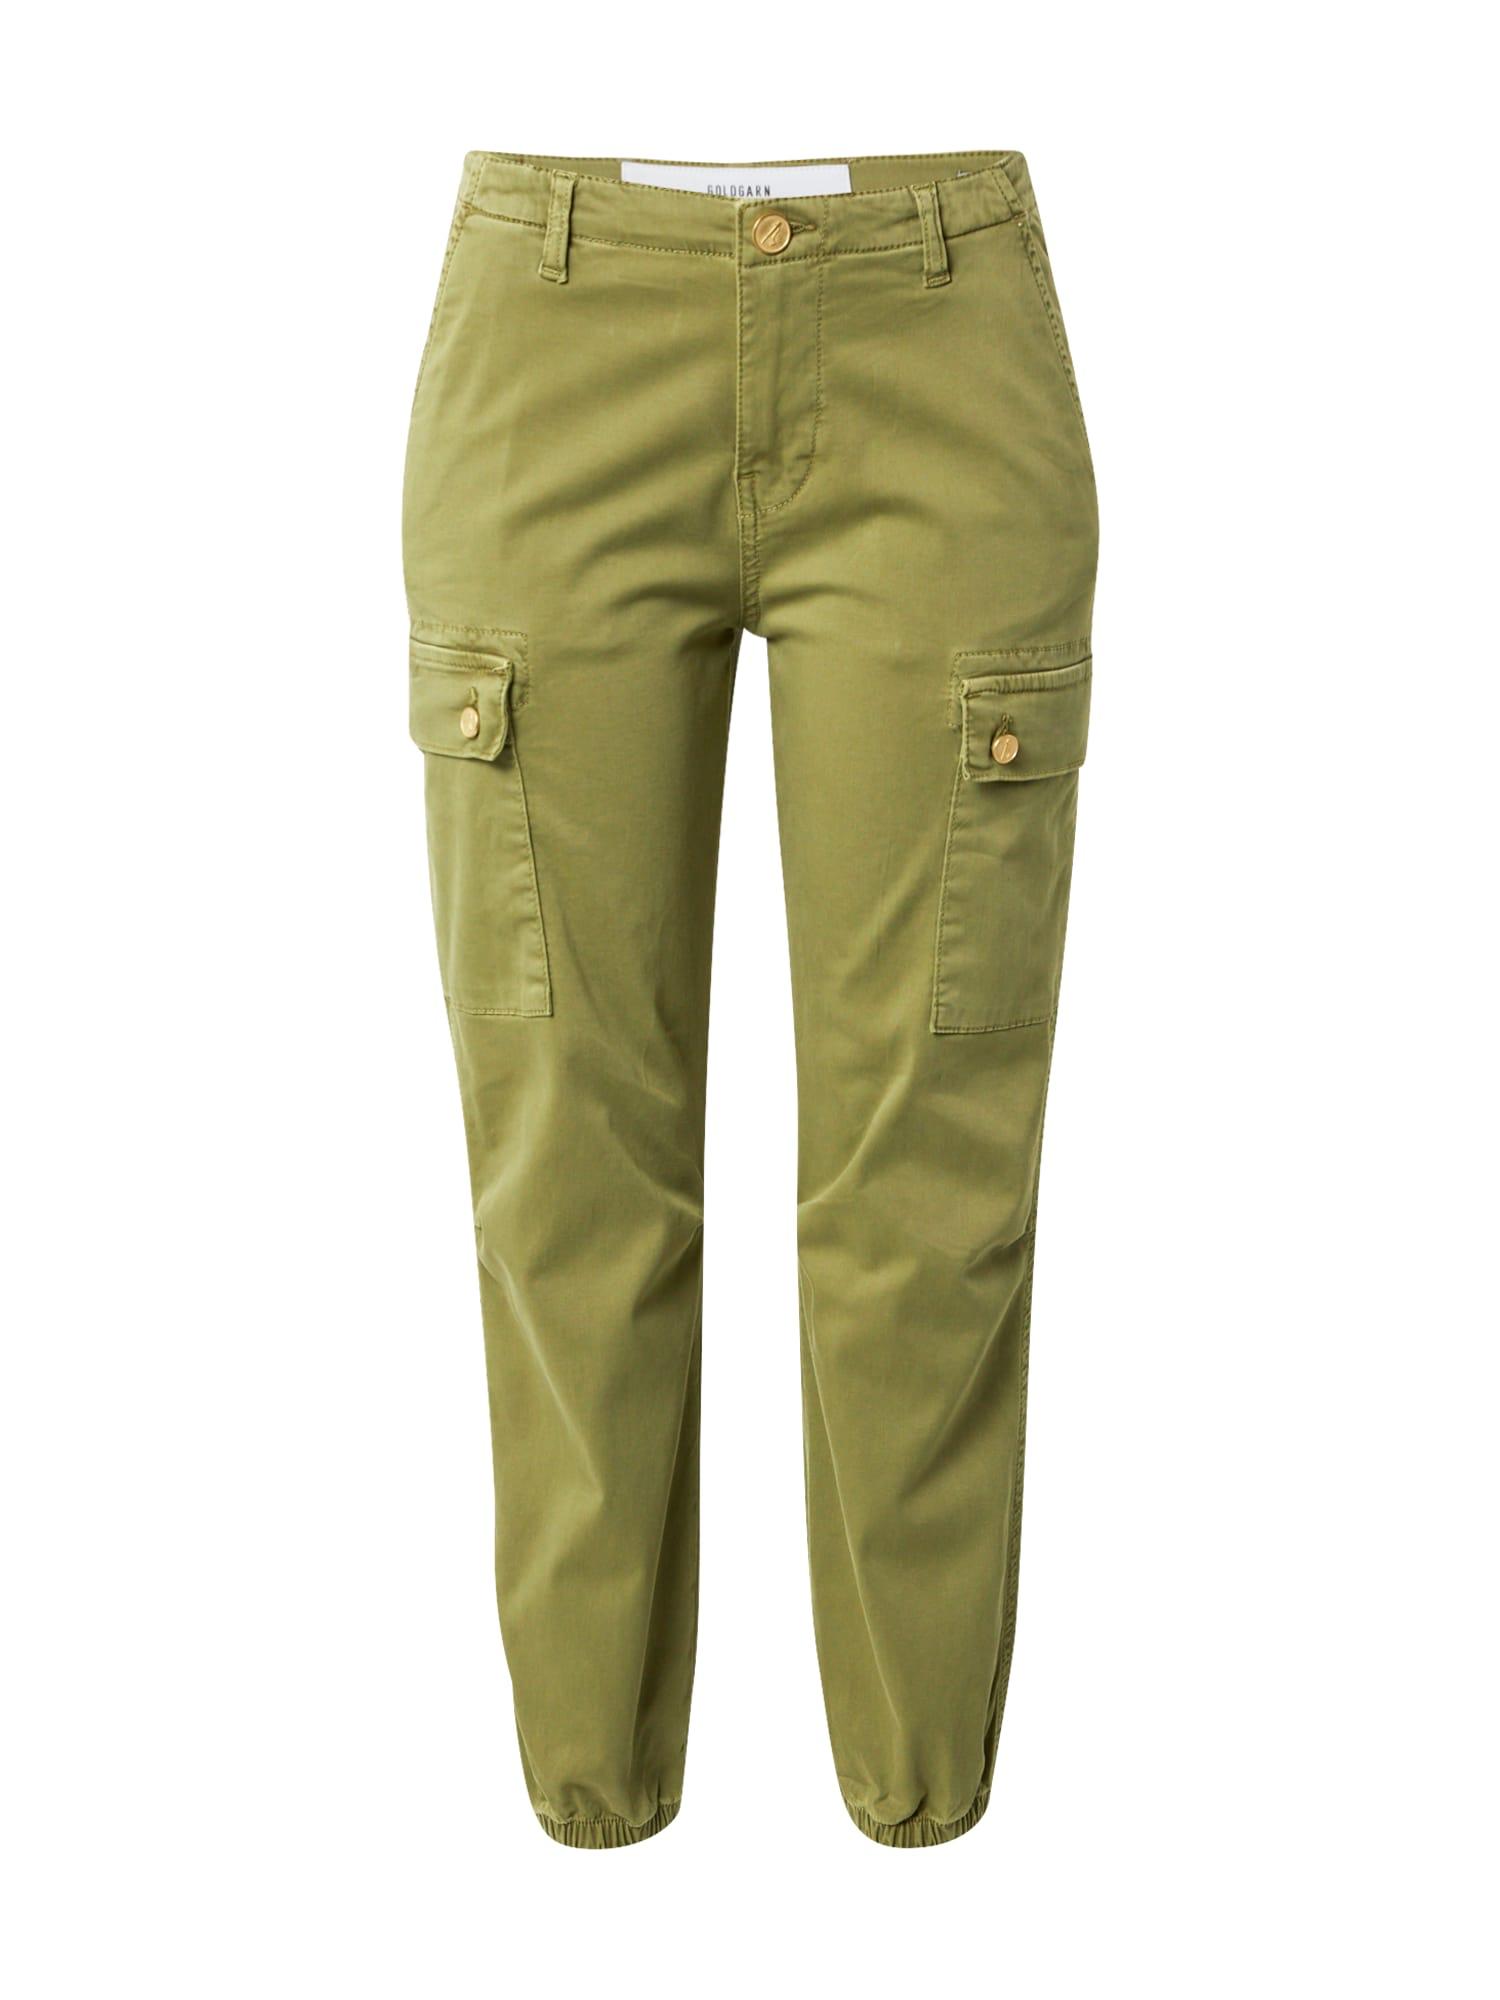 Goldgarn Darbinio stiliaus džinsai alyvuogių spalva